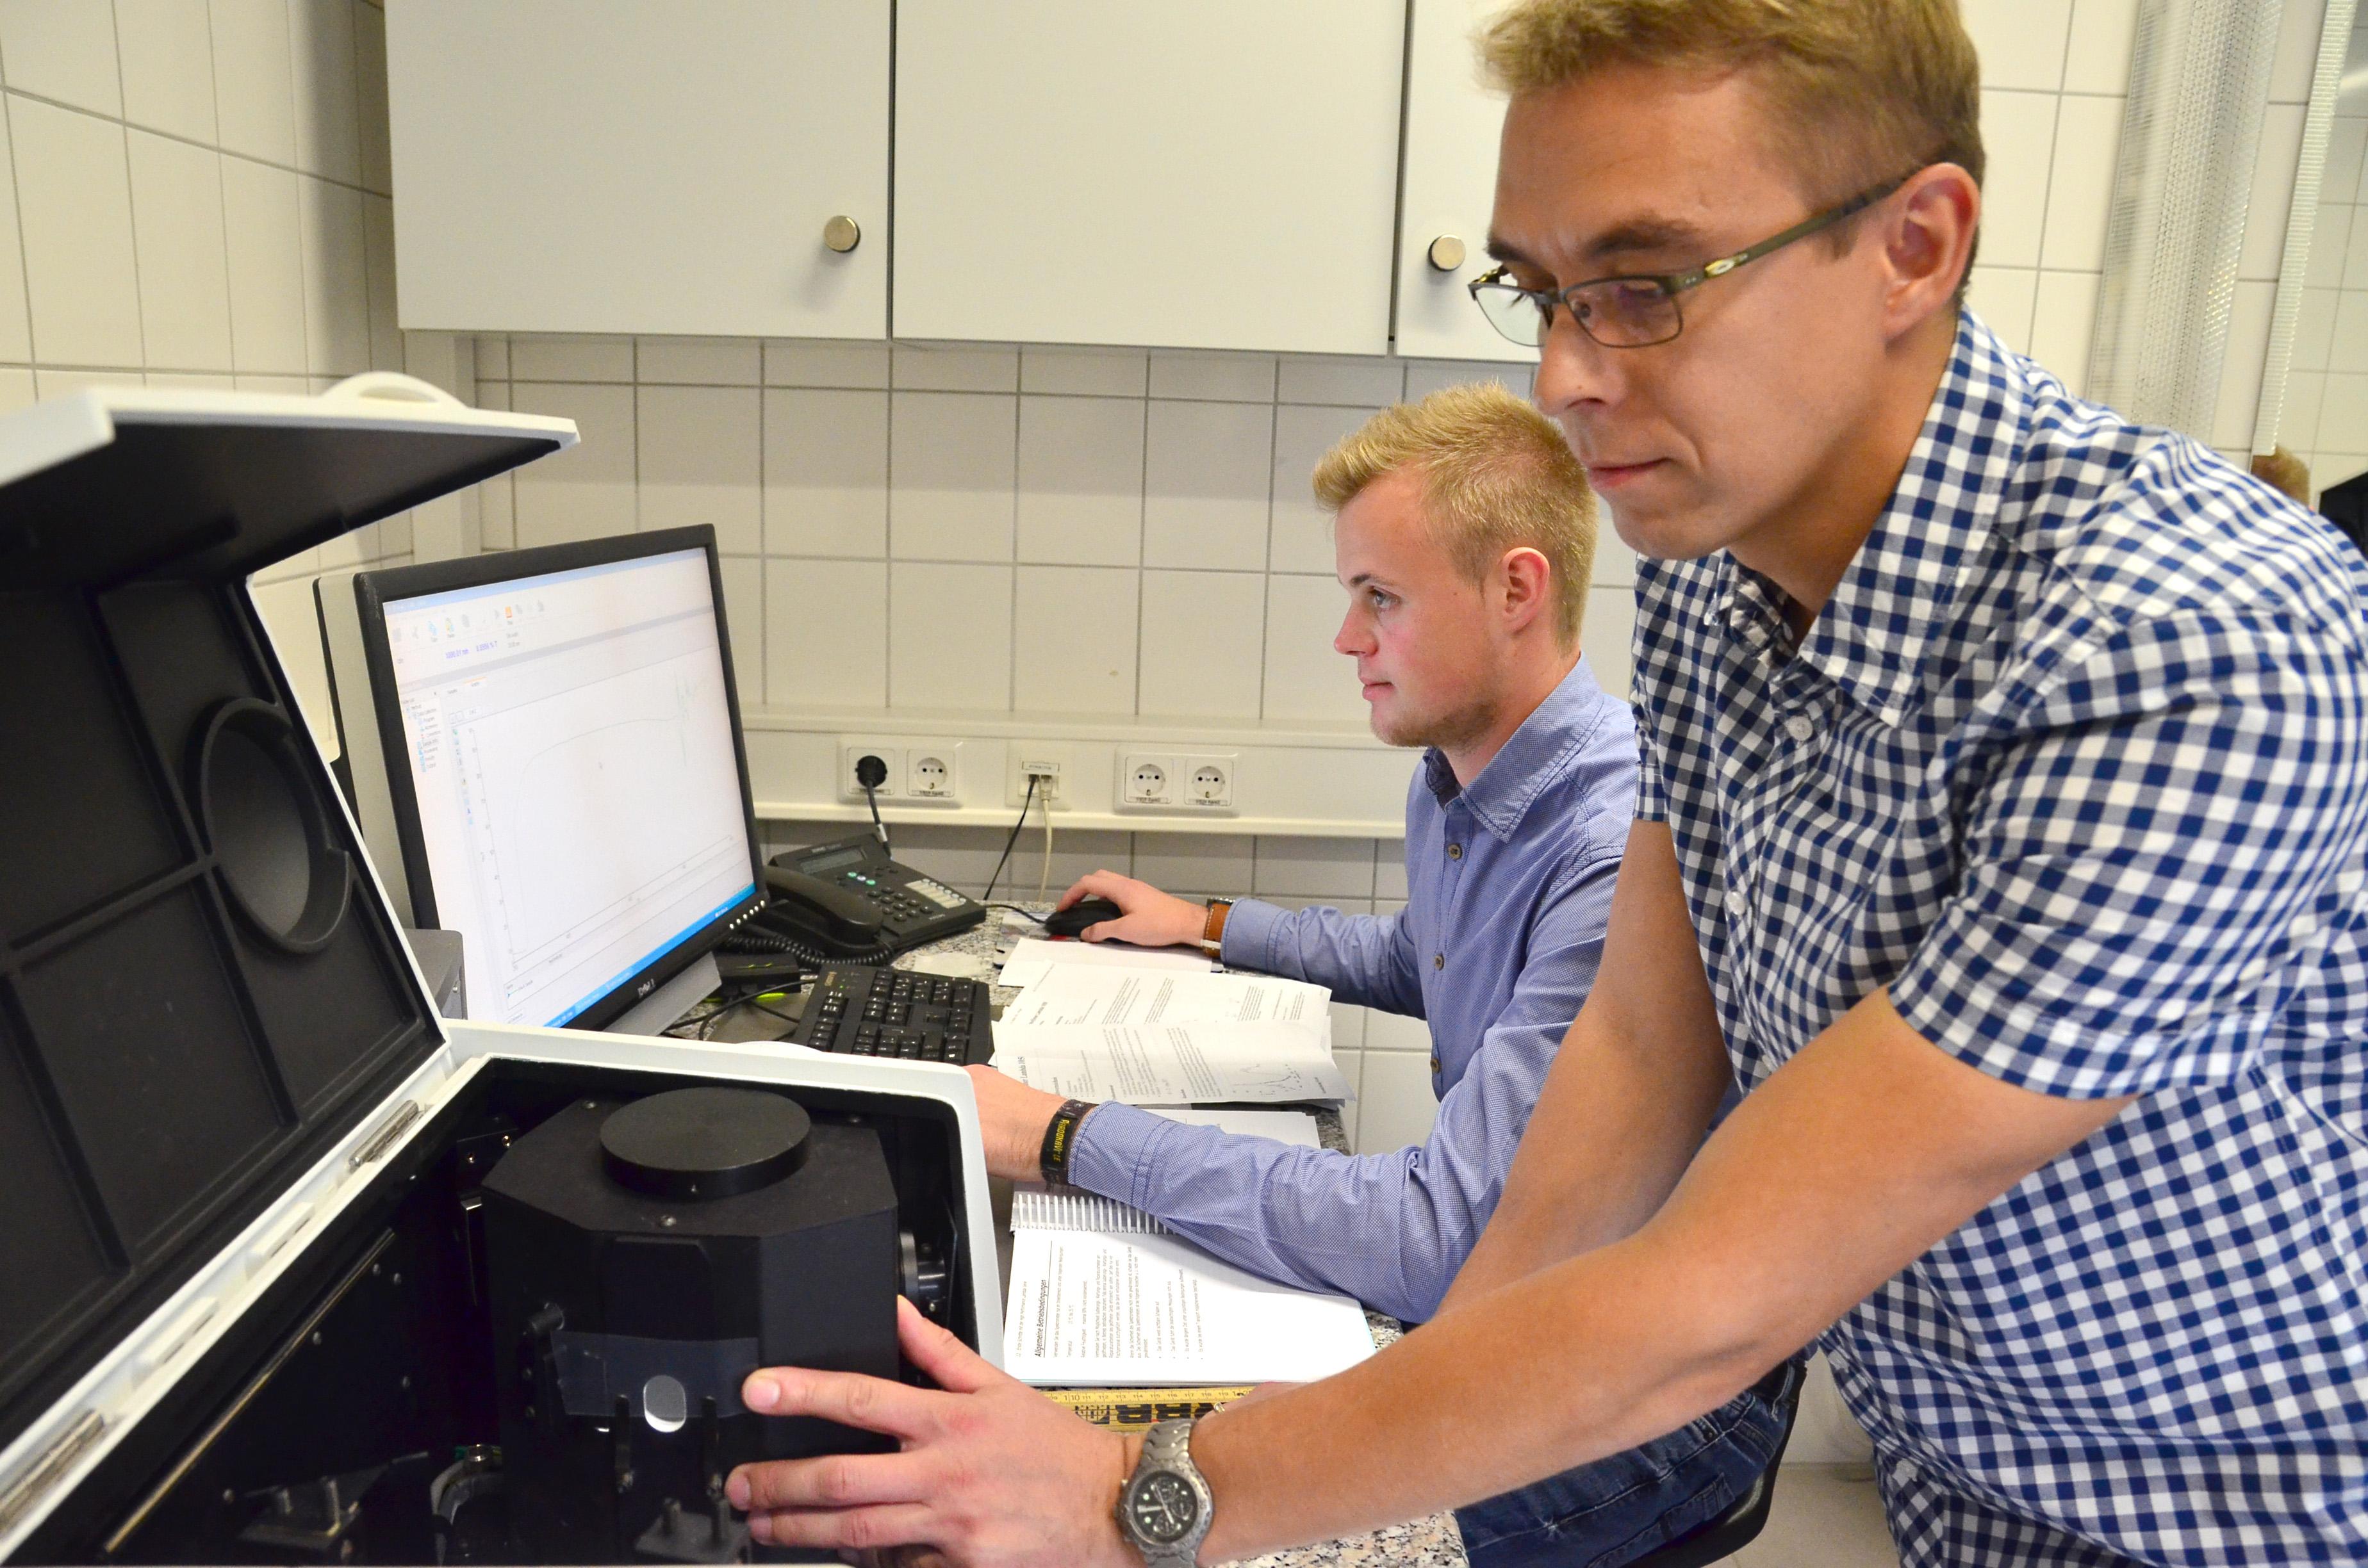 Sascha Wagner spannt Folie in ein Spektrometer ein, Jan-Philipp Wessels sitzt dahinter am PC und beobachtet den Bildschirm.